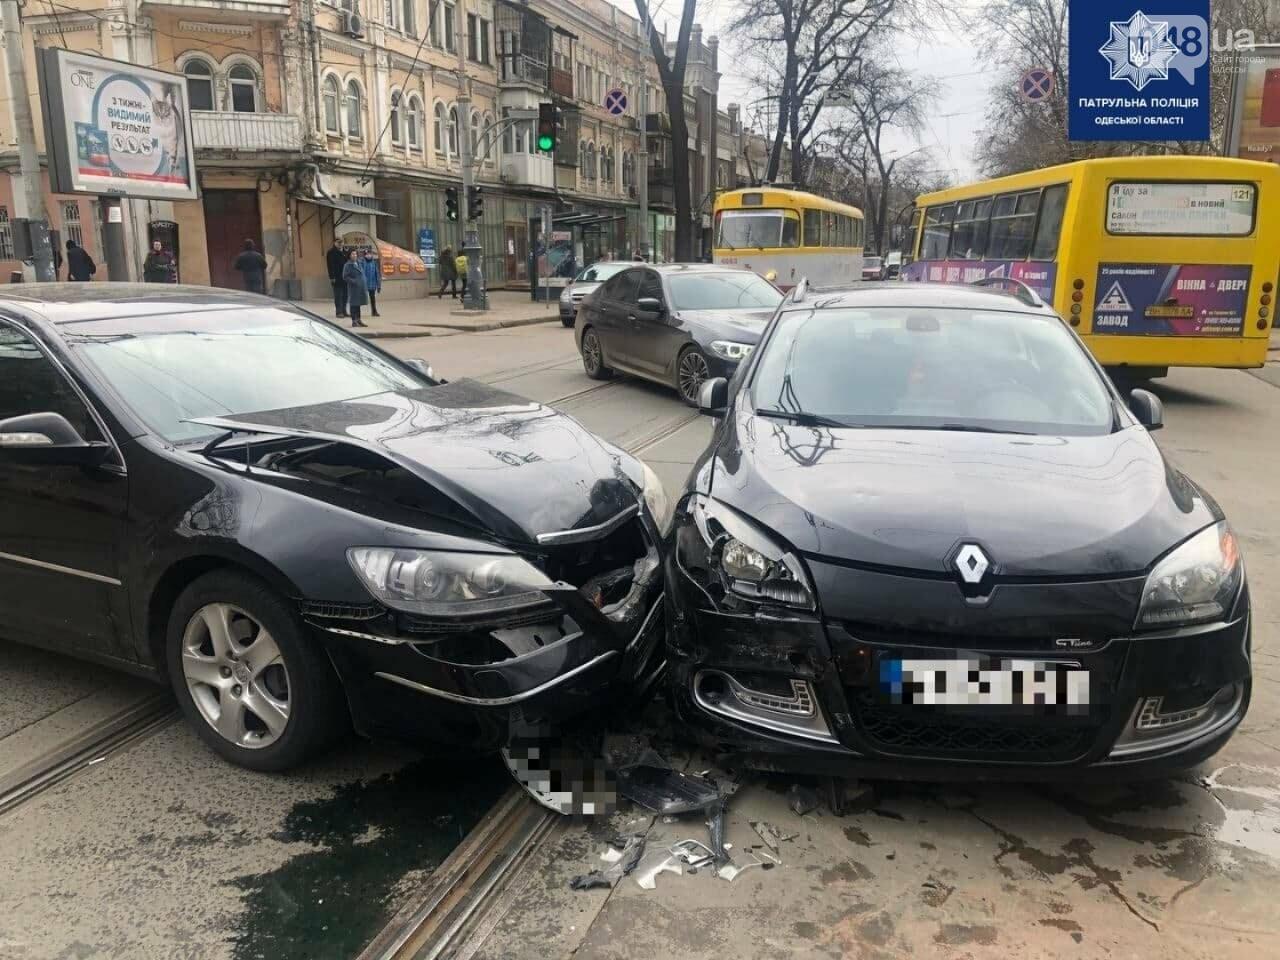 В центре Одессы столкнулись две иномарки: пострадал ребенок,- ФОТО, фото-1